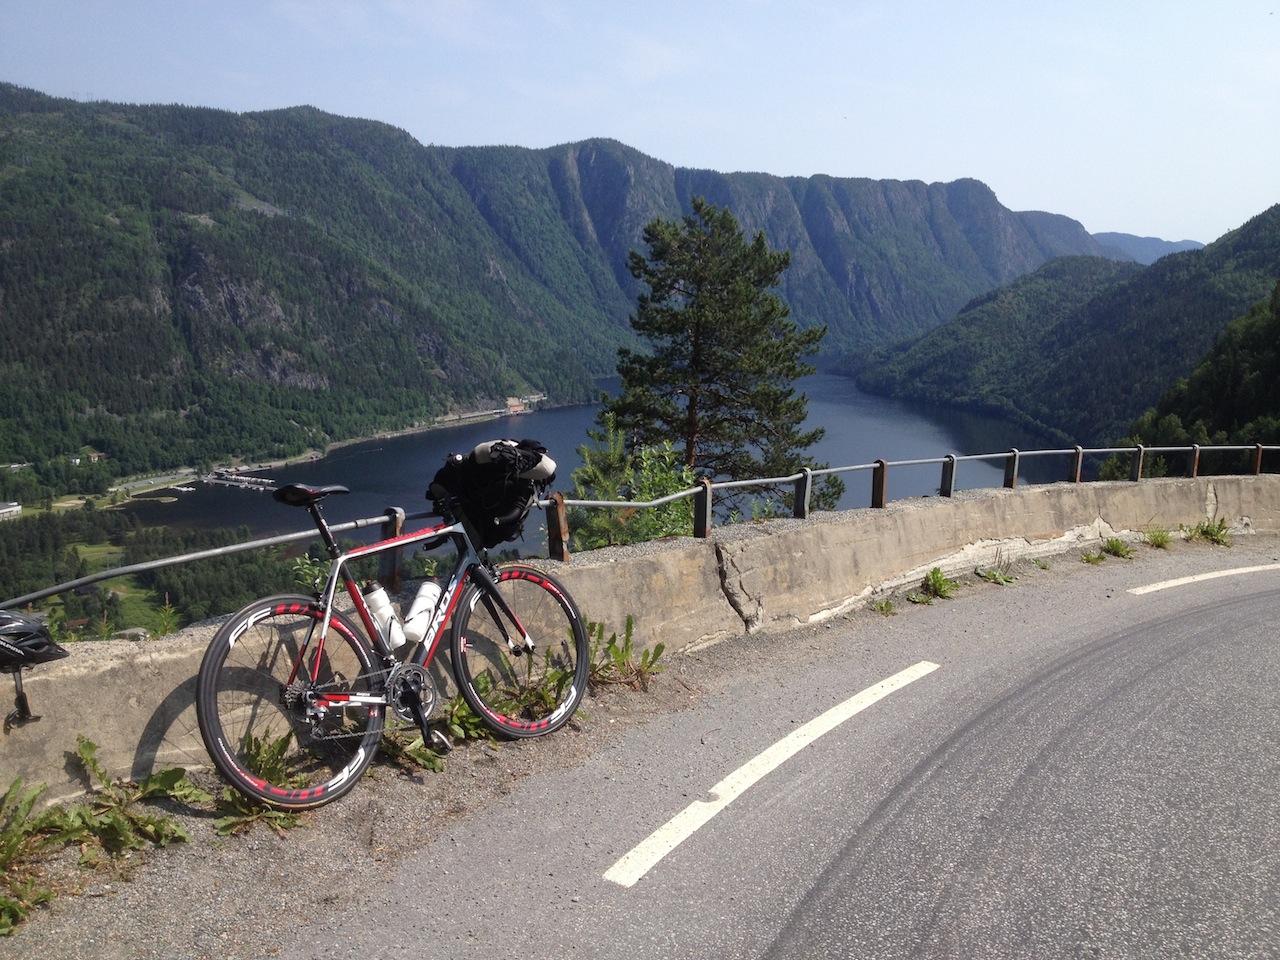 Fantastiske  dager  på  camping  etter  en  nydelig  sykkeltur  gjennom  Dalen  i  Telemark